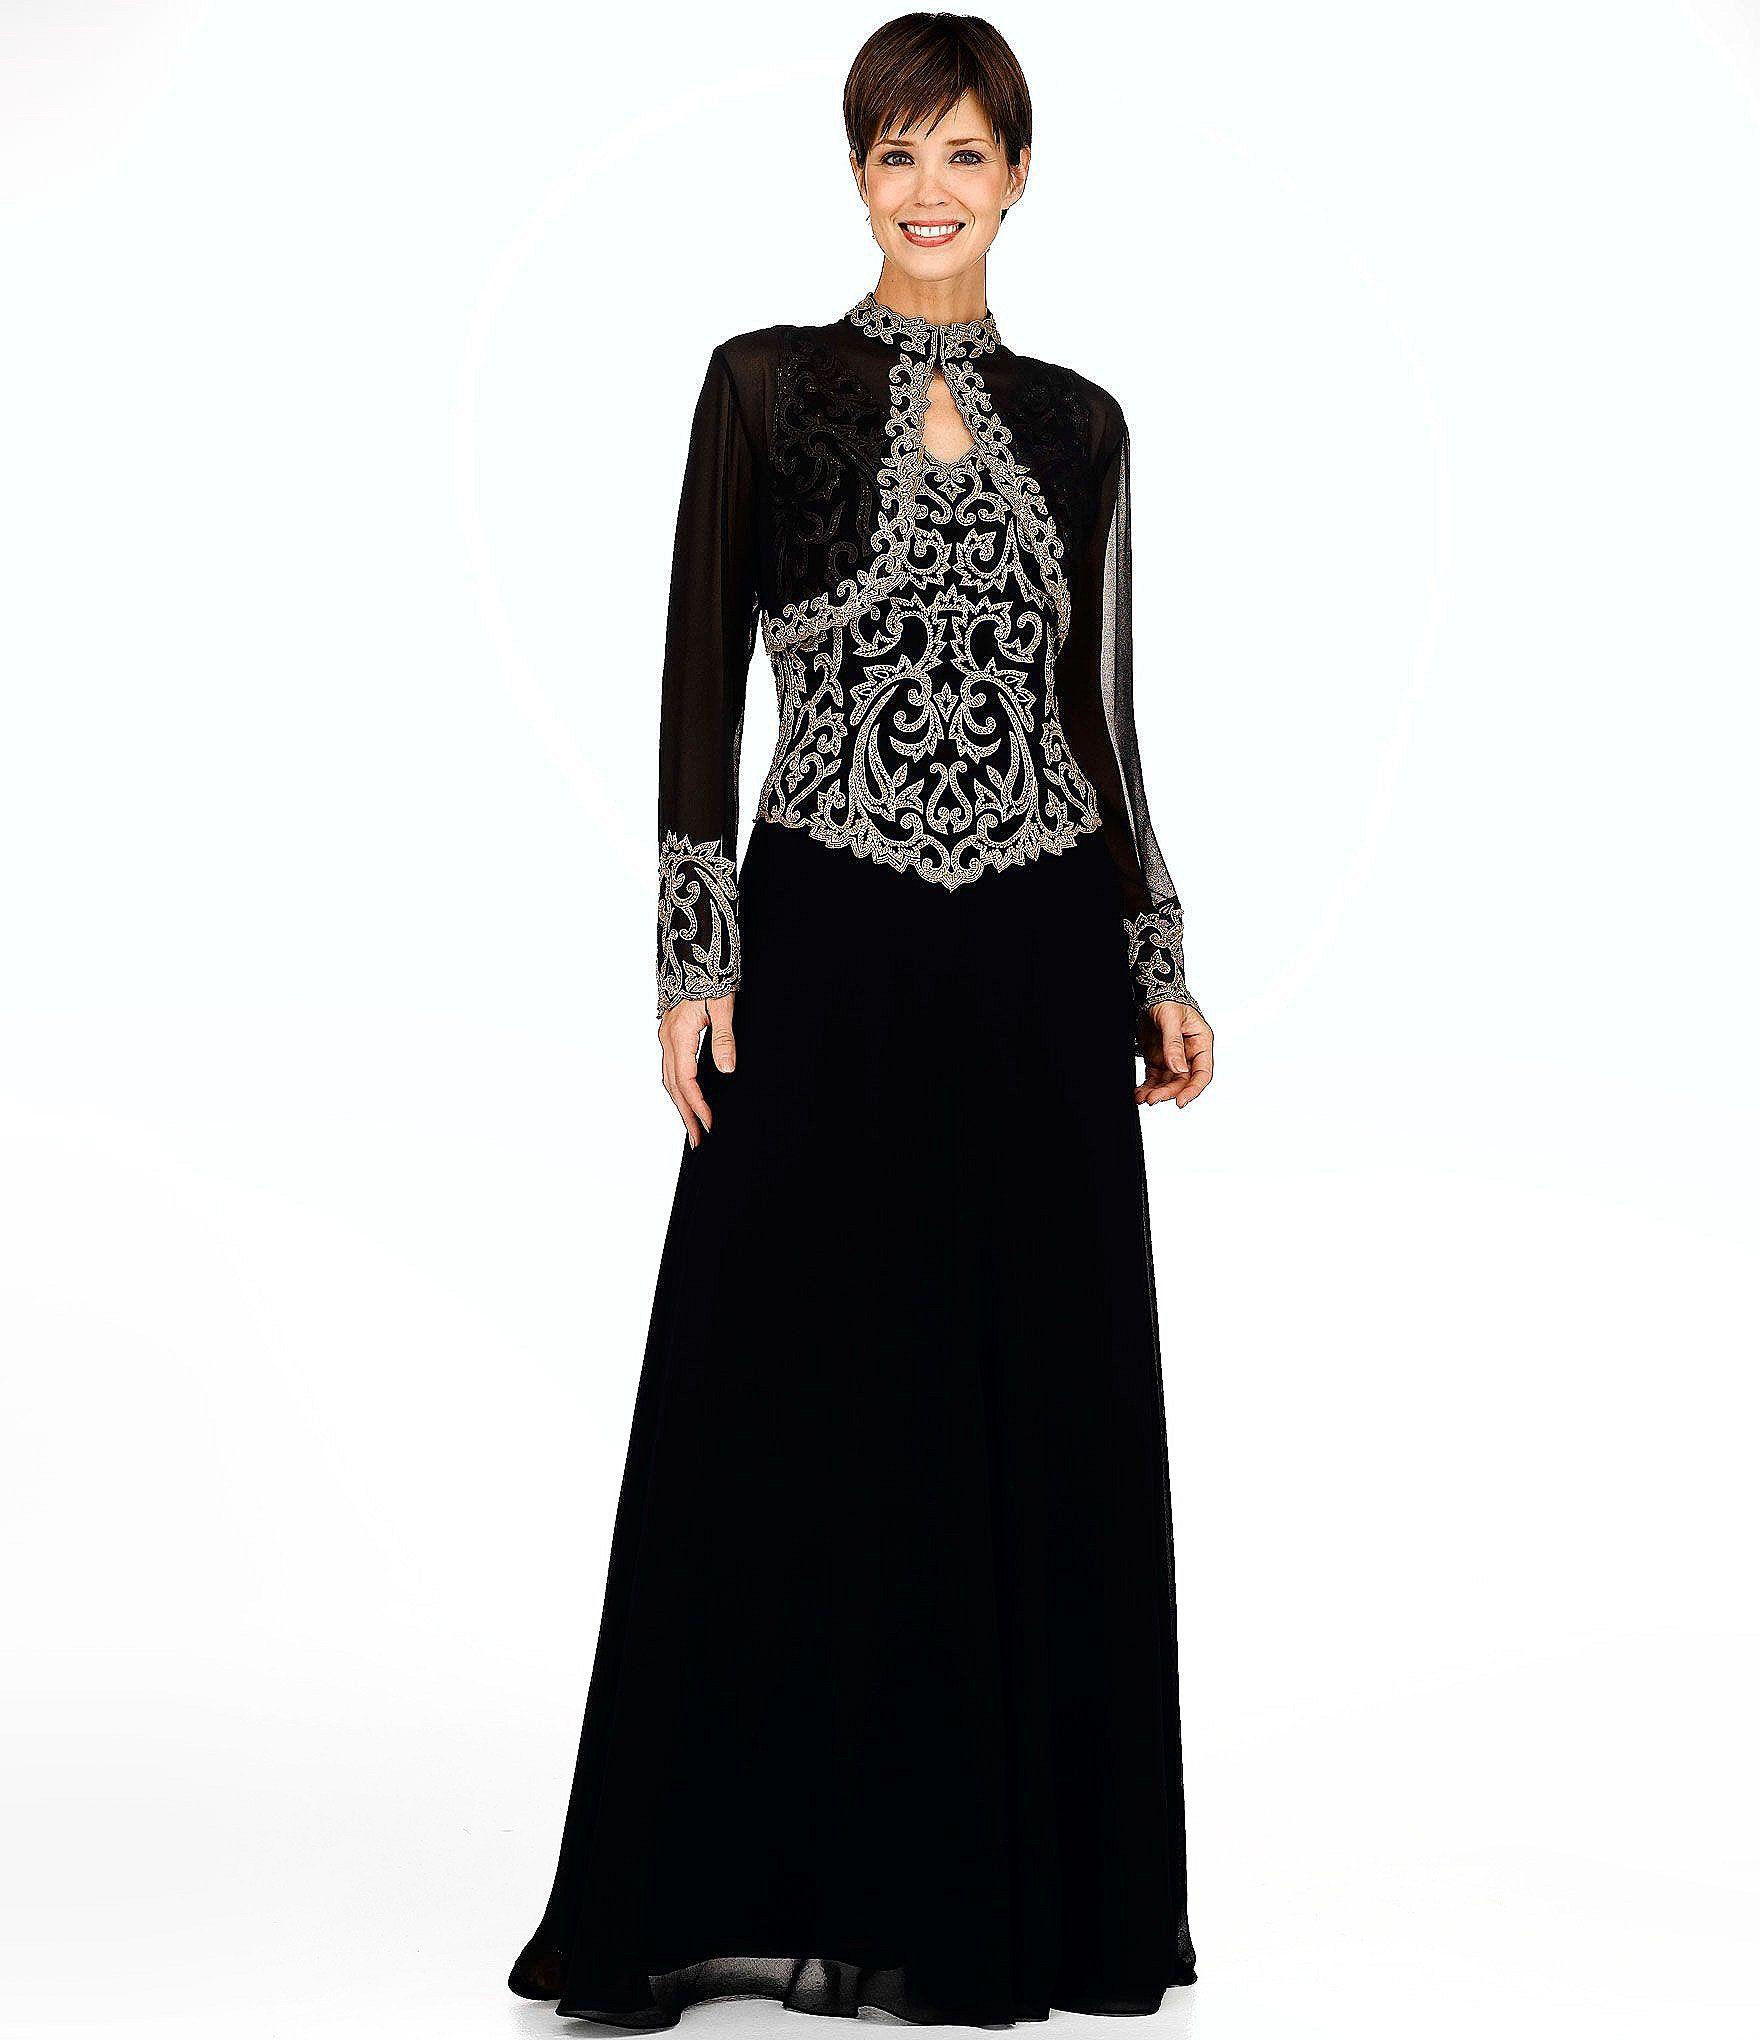 J Kara Beaded Dress – Fashion dresses